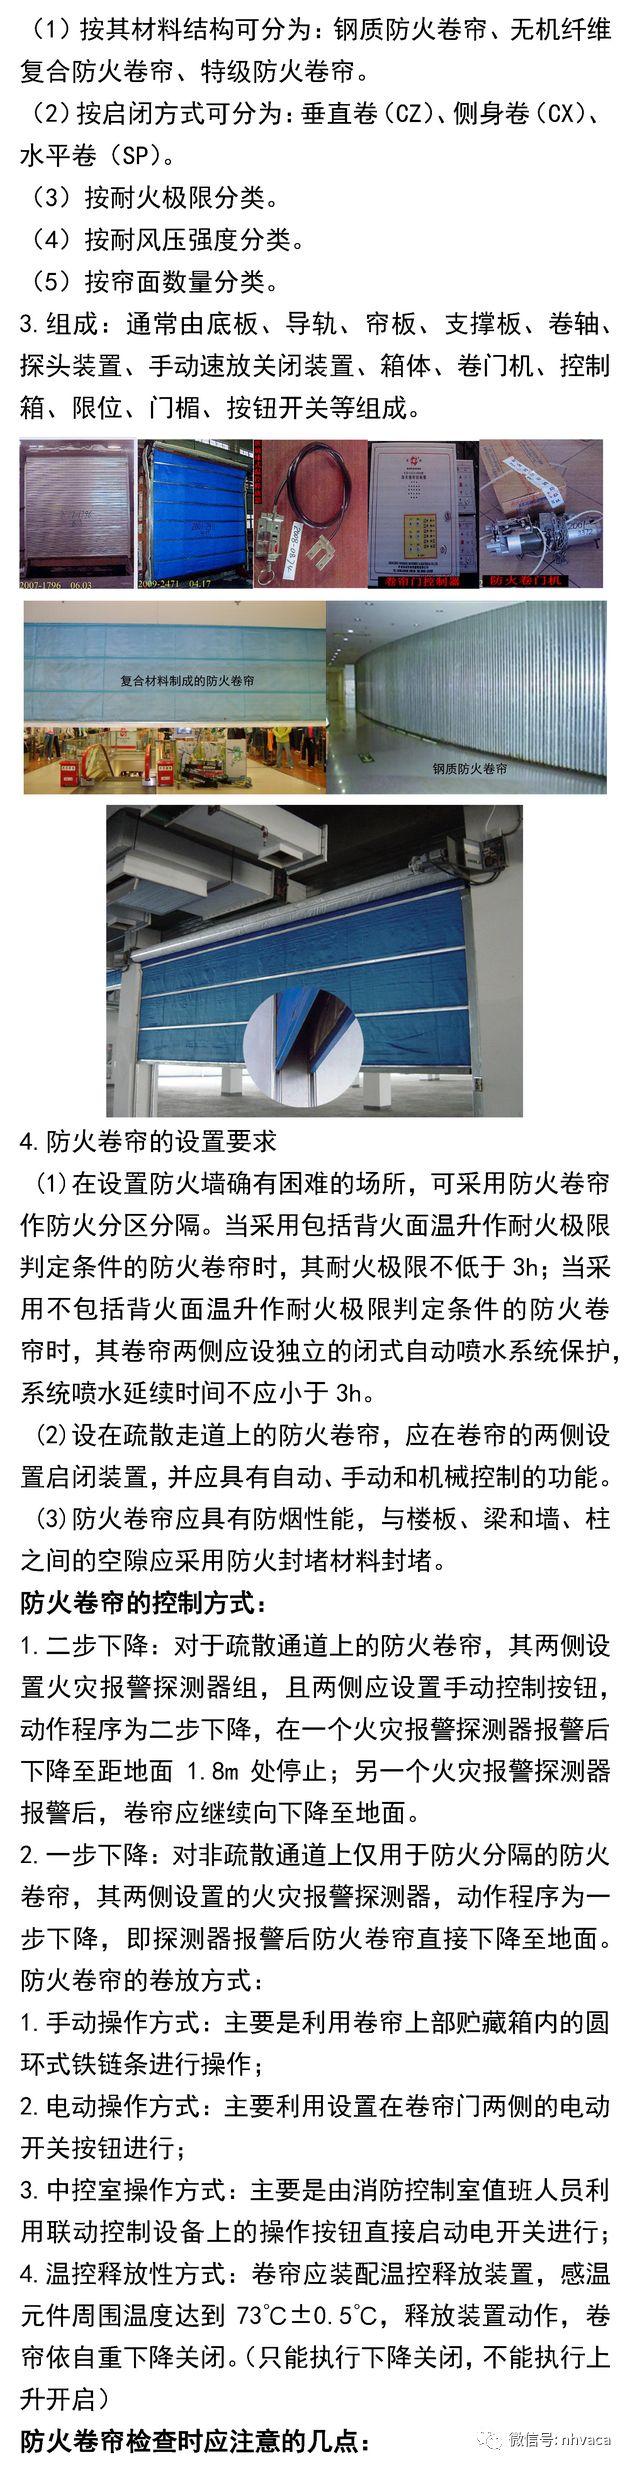 防火分隔设施基础知识汇总_5